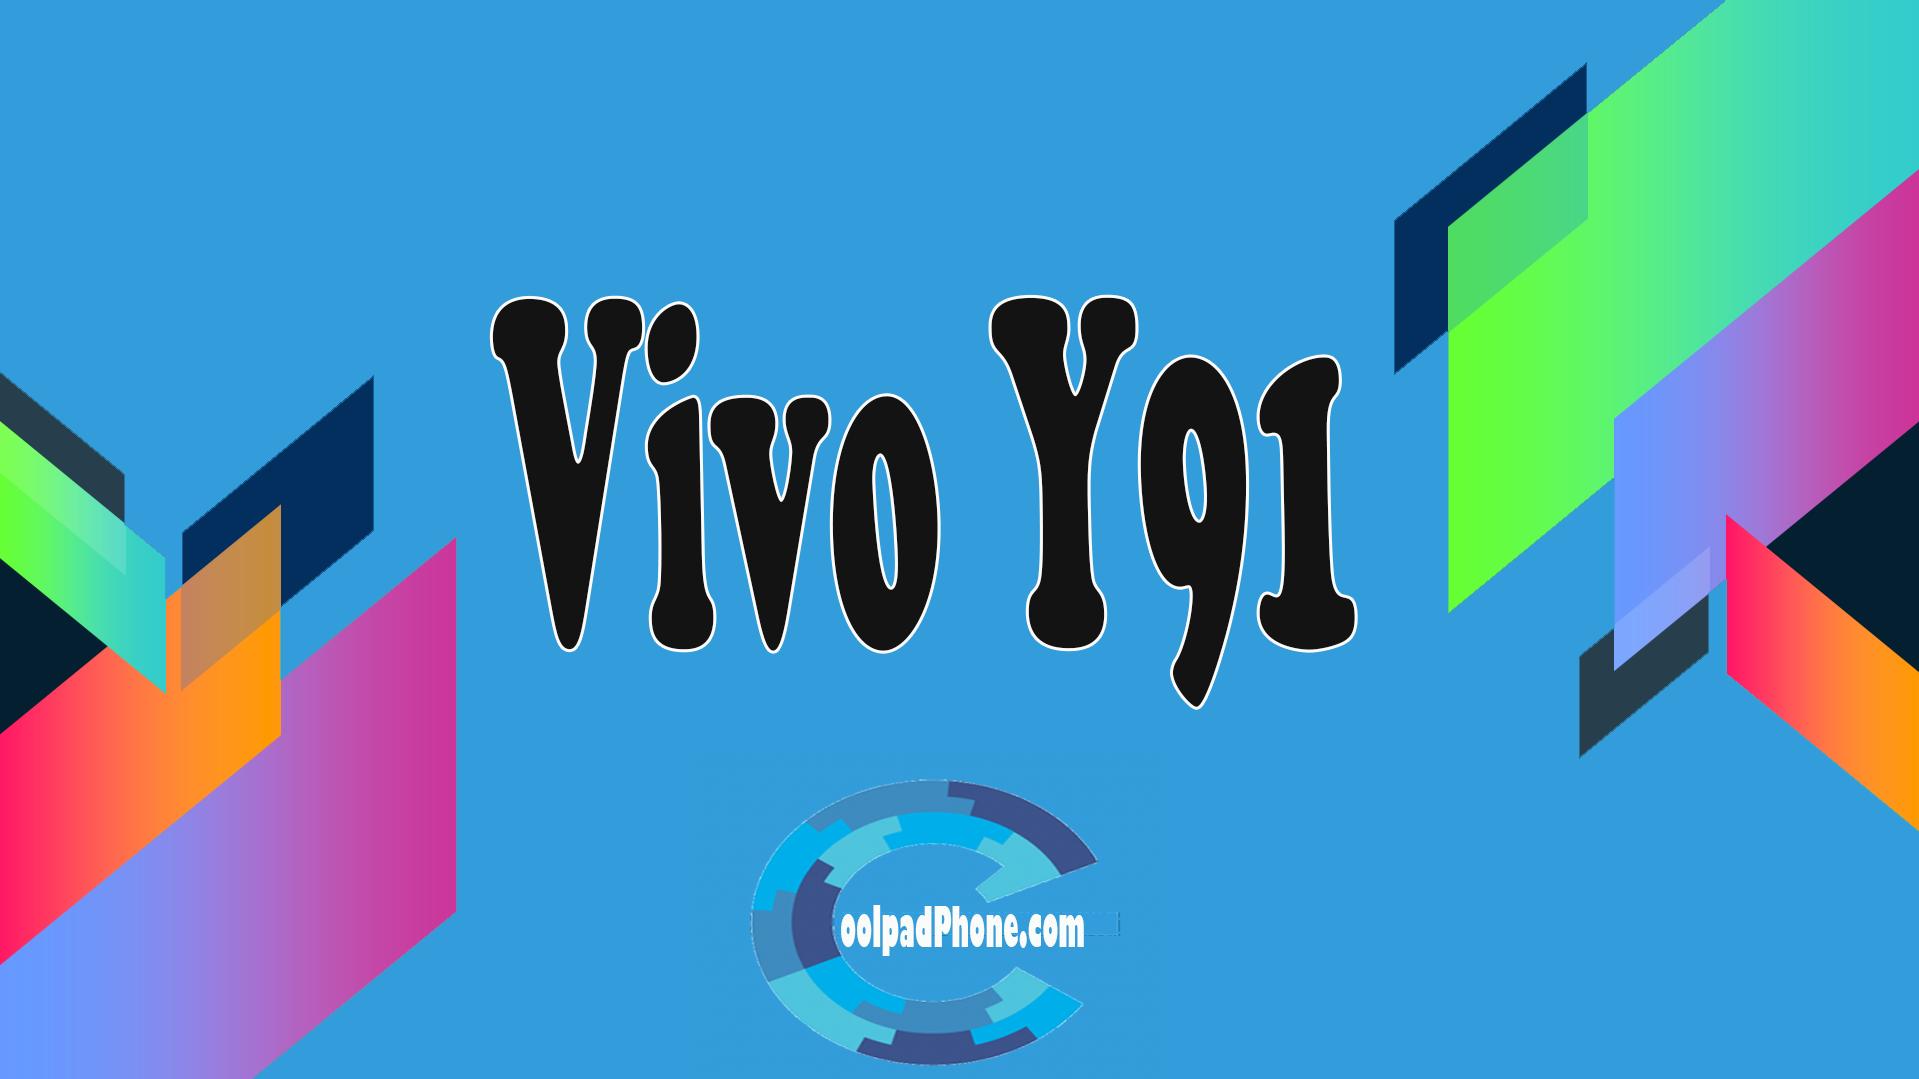 Vivo-Y91